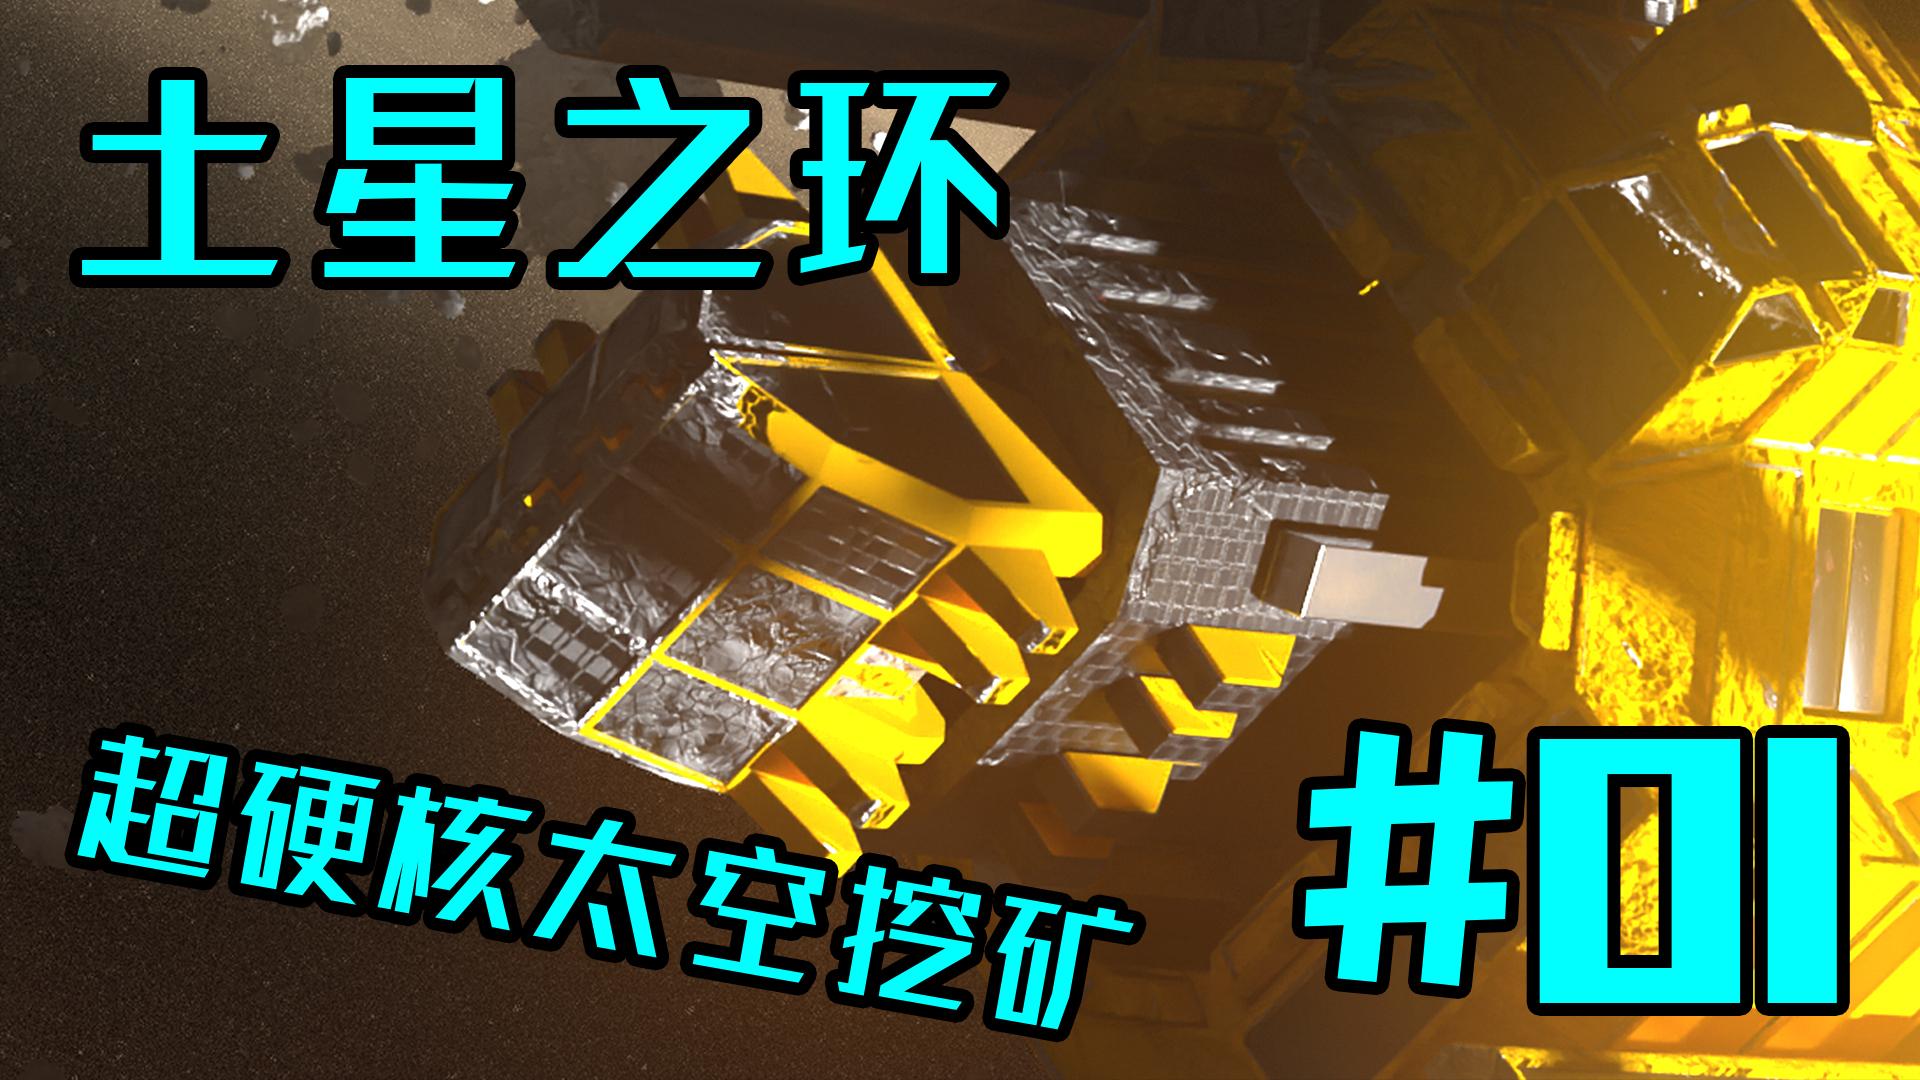 【独家】超硬核太空挖矿游戏!做一个太空矿工还是海盗?《土星之环》#01【QPC】